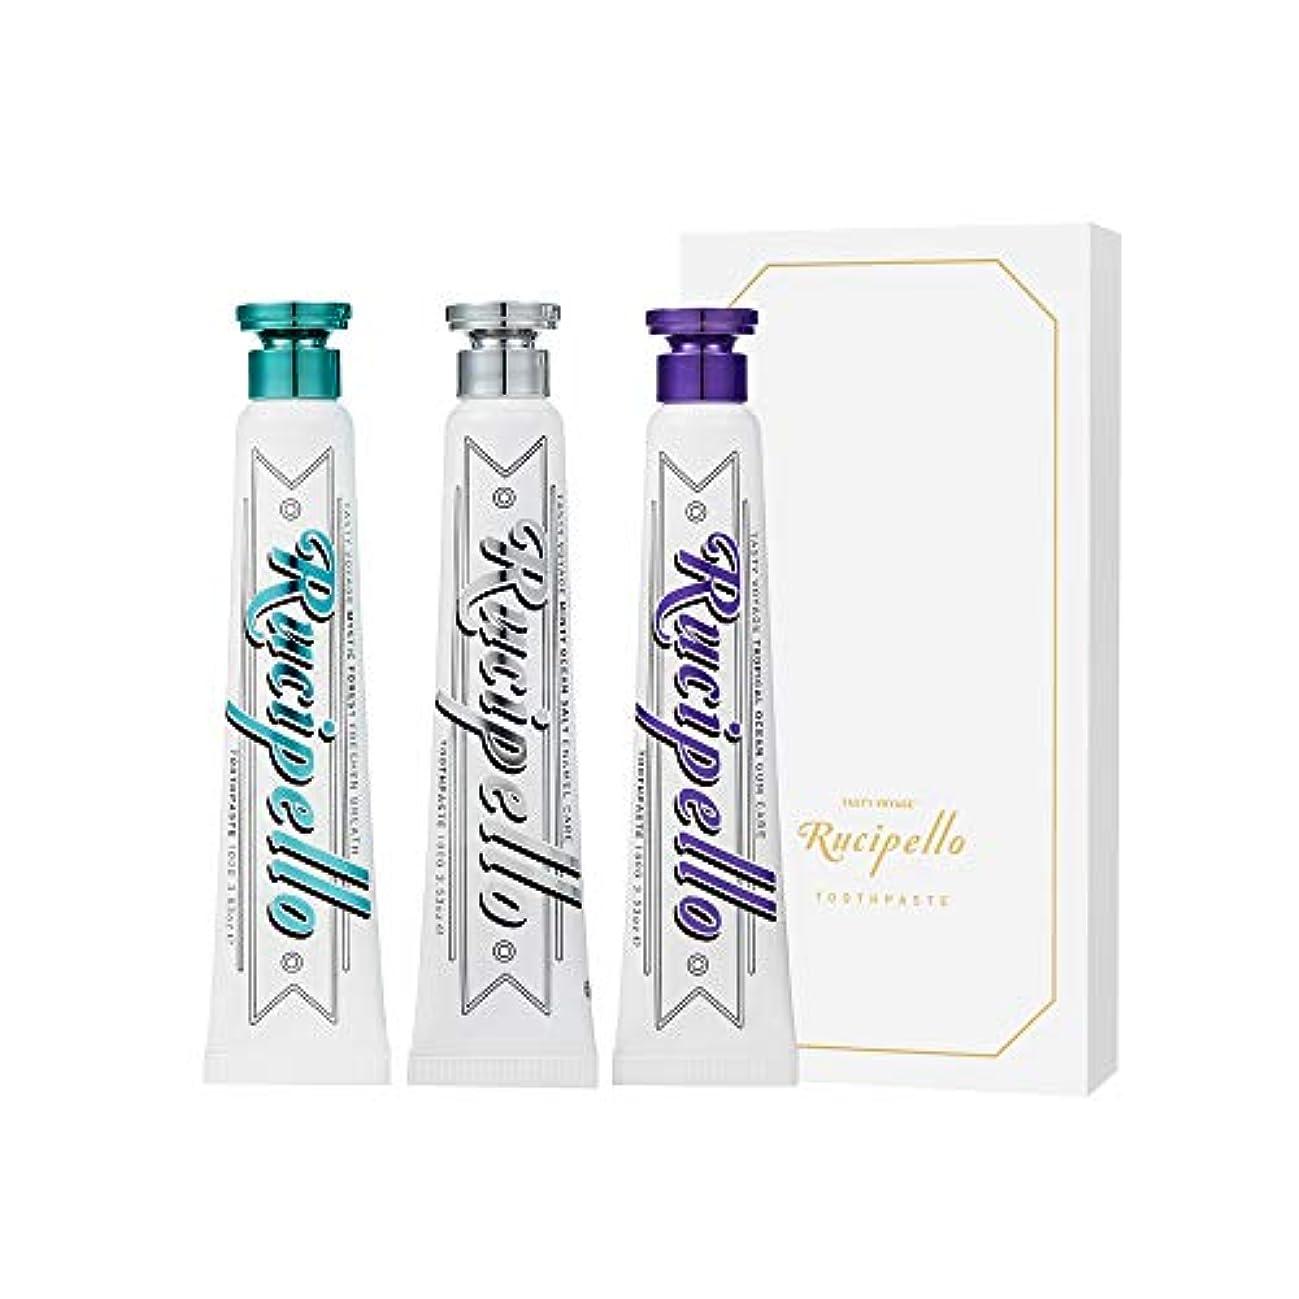 つかむ有力者三番[ルチペッロ] Rucipello 歯磨き粉3種のプレゼントセット 100g x 3 本 (海外直送品)